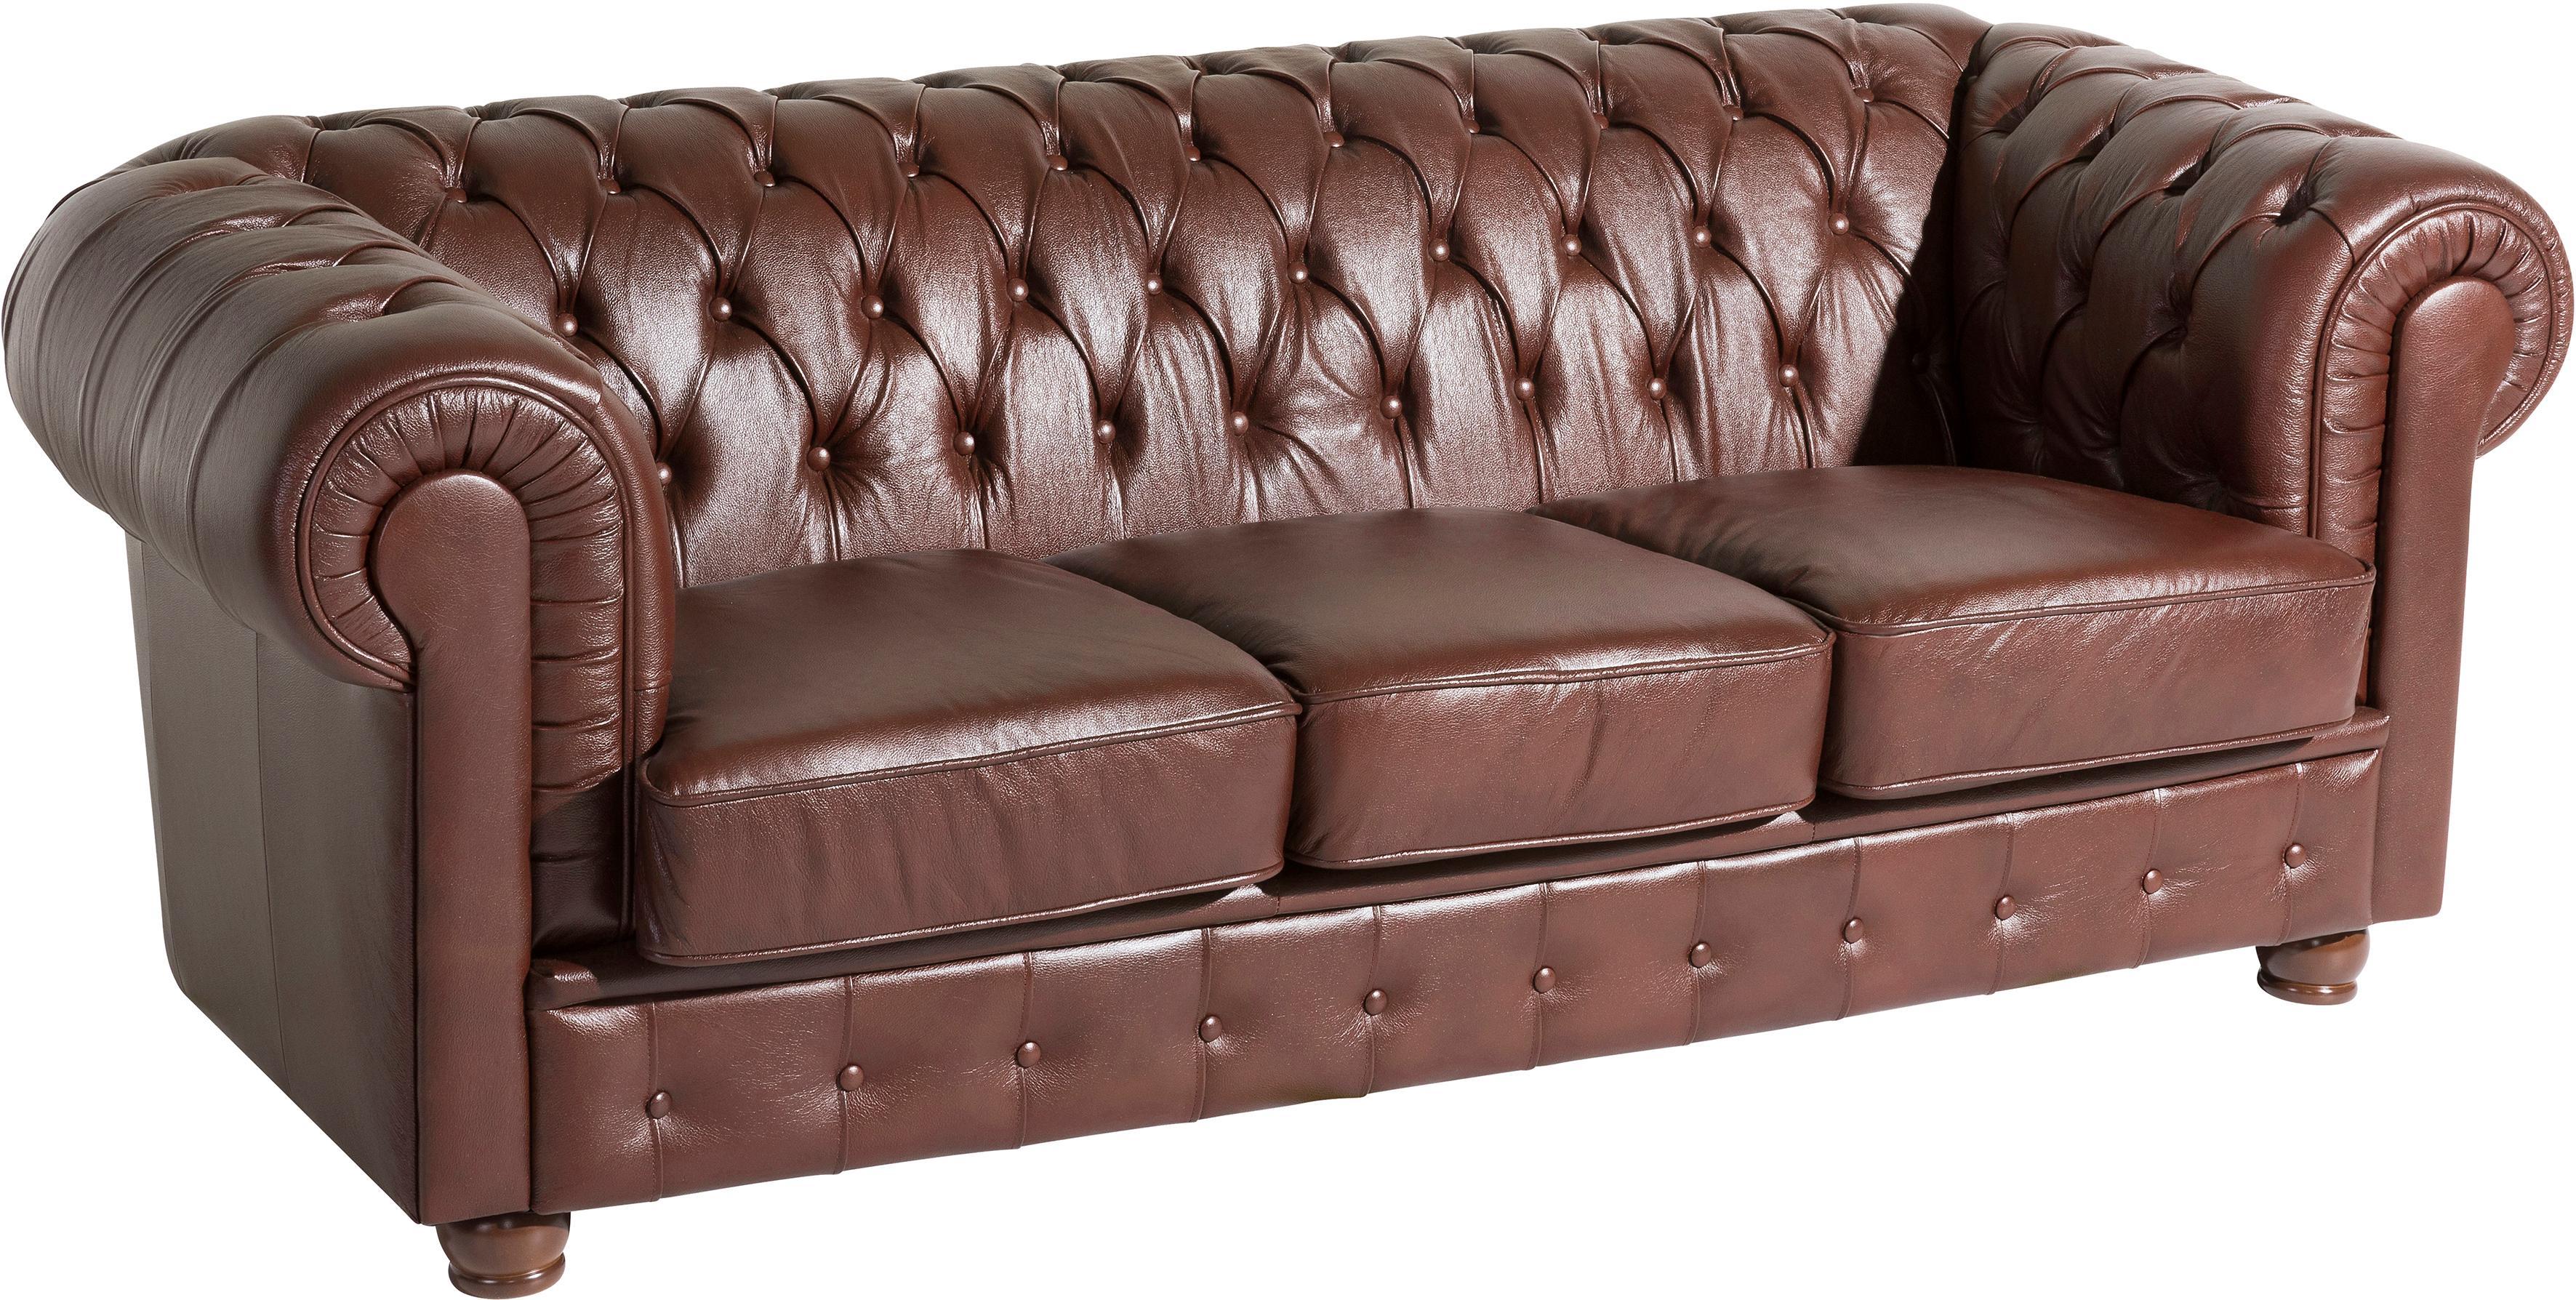 Max Winzer 3-Sitzer Chesterfield Ledersofa Bristol mit edler Knopfheftung Breite 200 cm